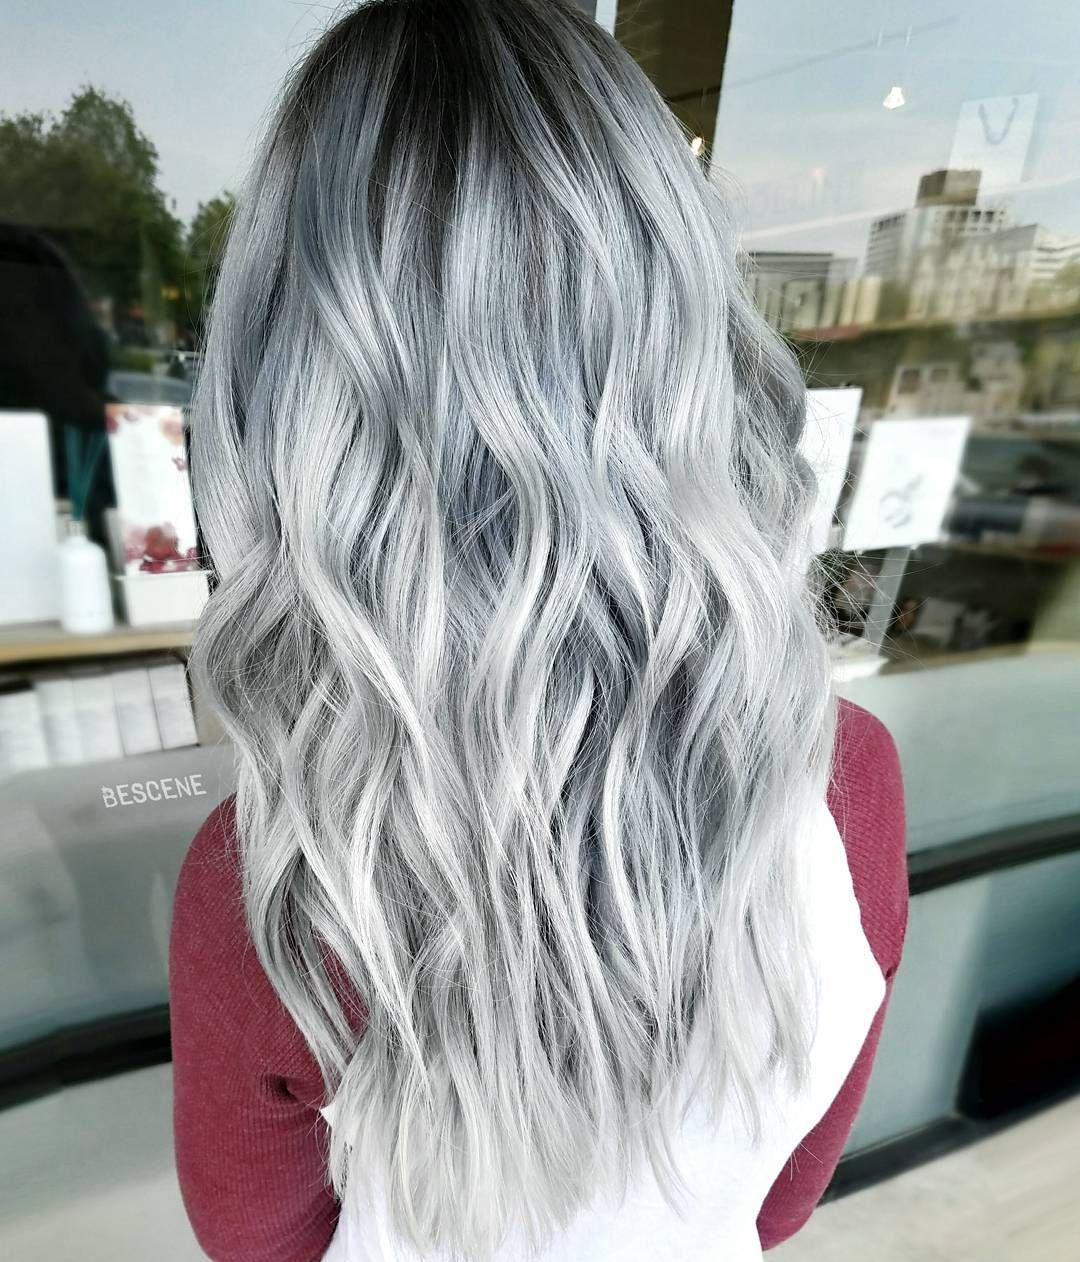 Lange Haare Kurze Frisuren Haarfarben Graue Frisuren Frisuren